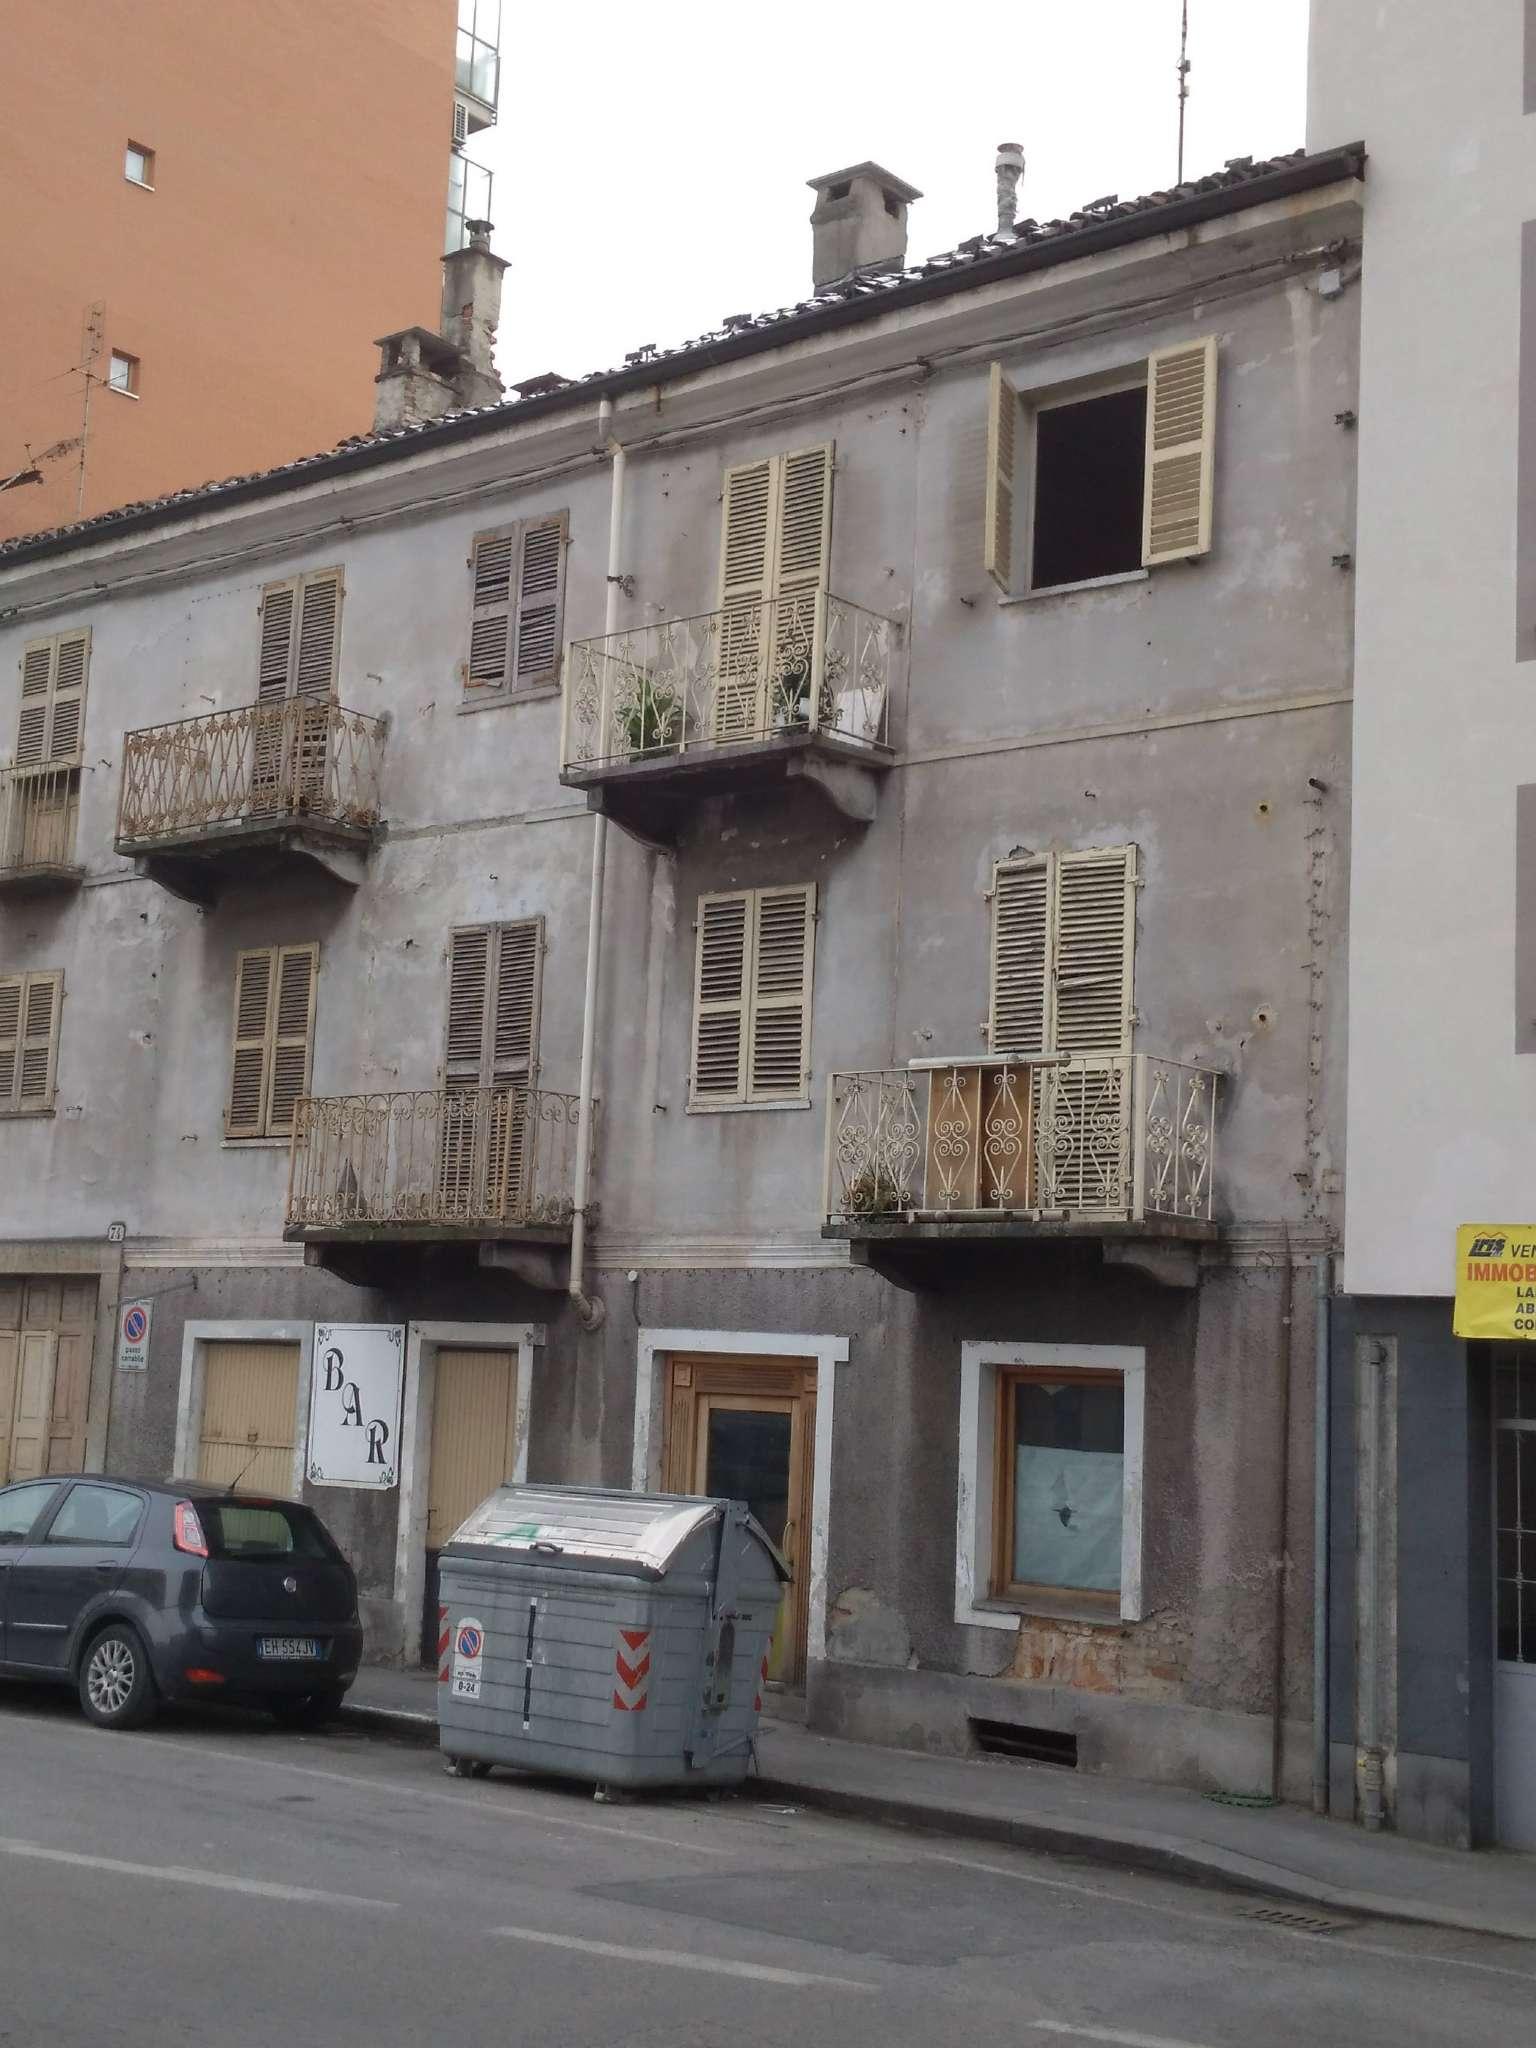 Foto 1 di Stabile - Palazzo via Aosta, Torino (zona Barriera Milano, Falchera, Barca-Bertolla)